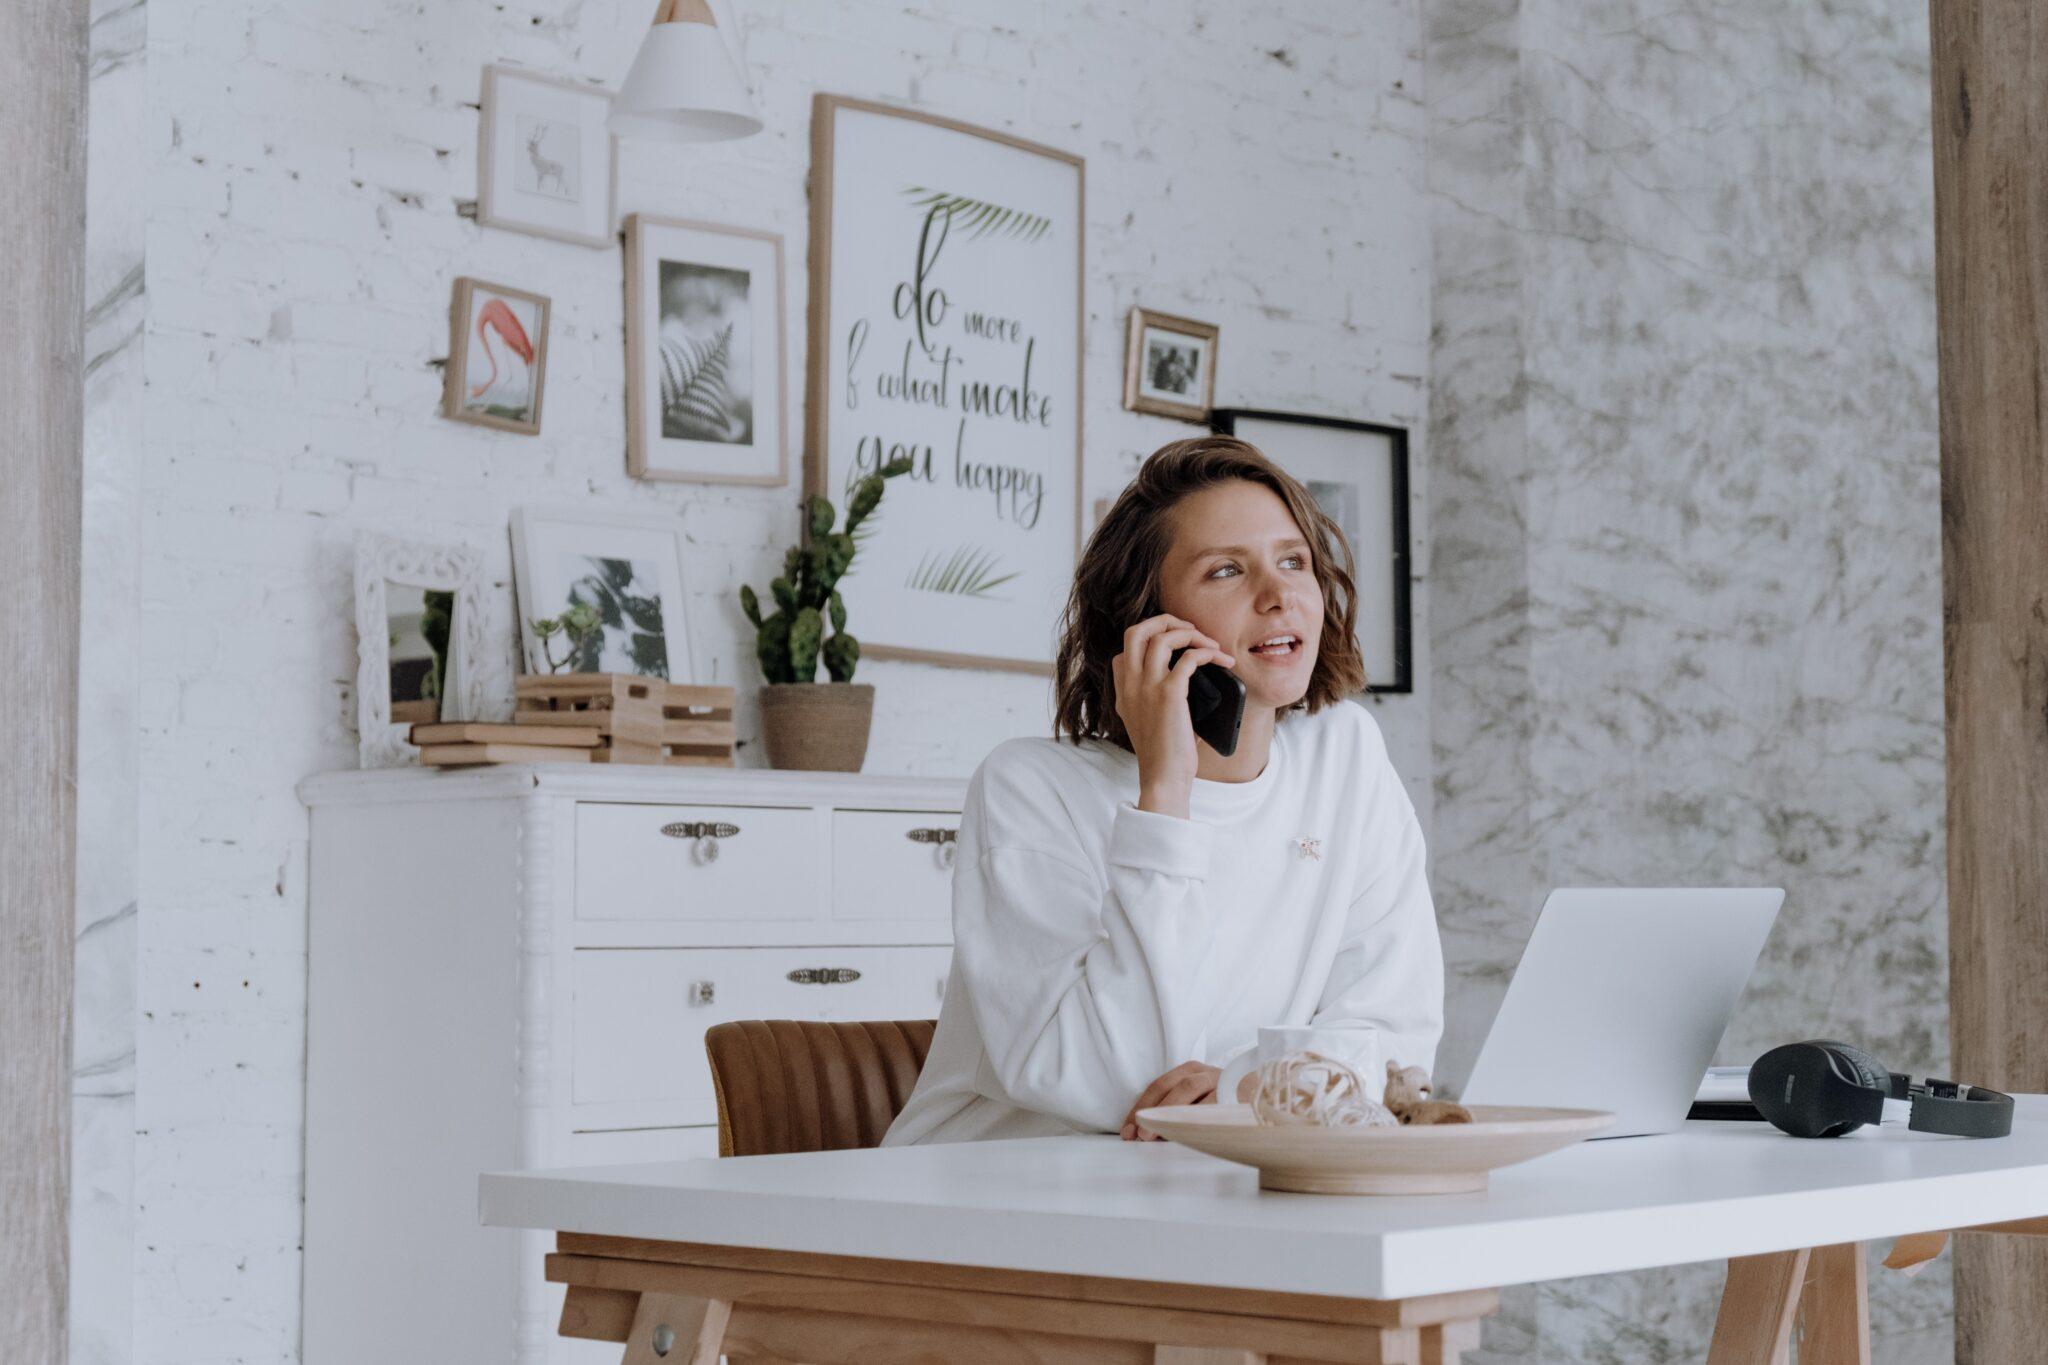 Thuiswerken en meer naar elkaar omkijken: het kantoorleven is blijvend veranderd